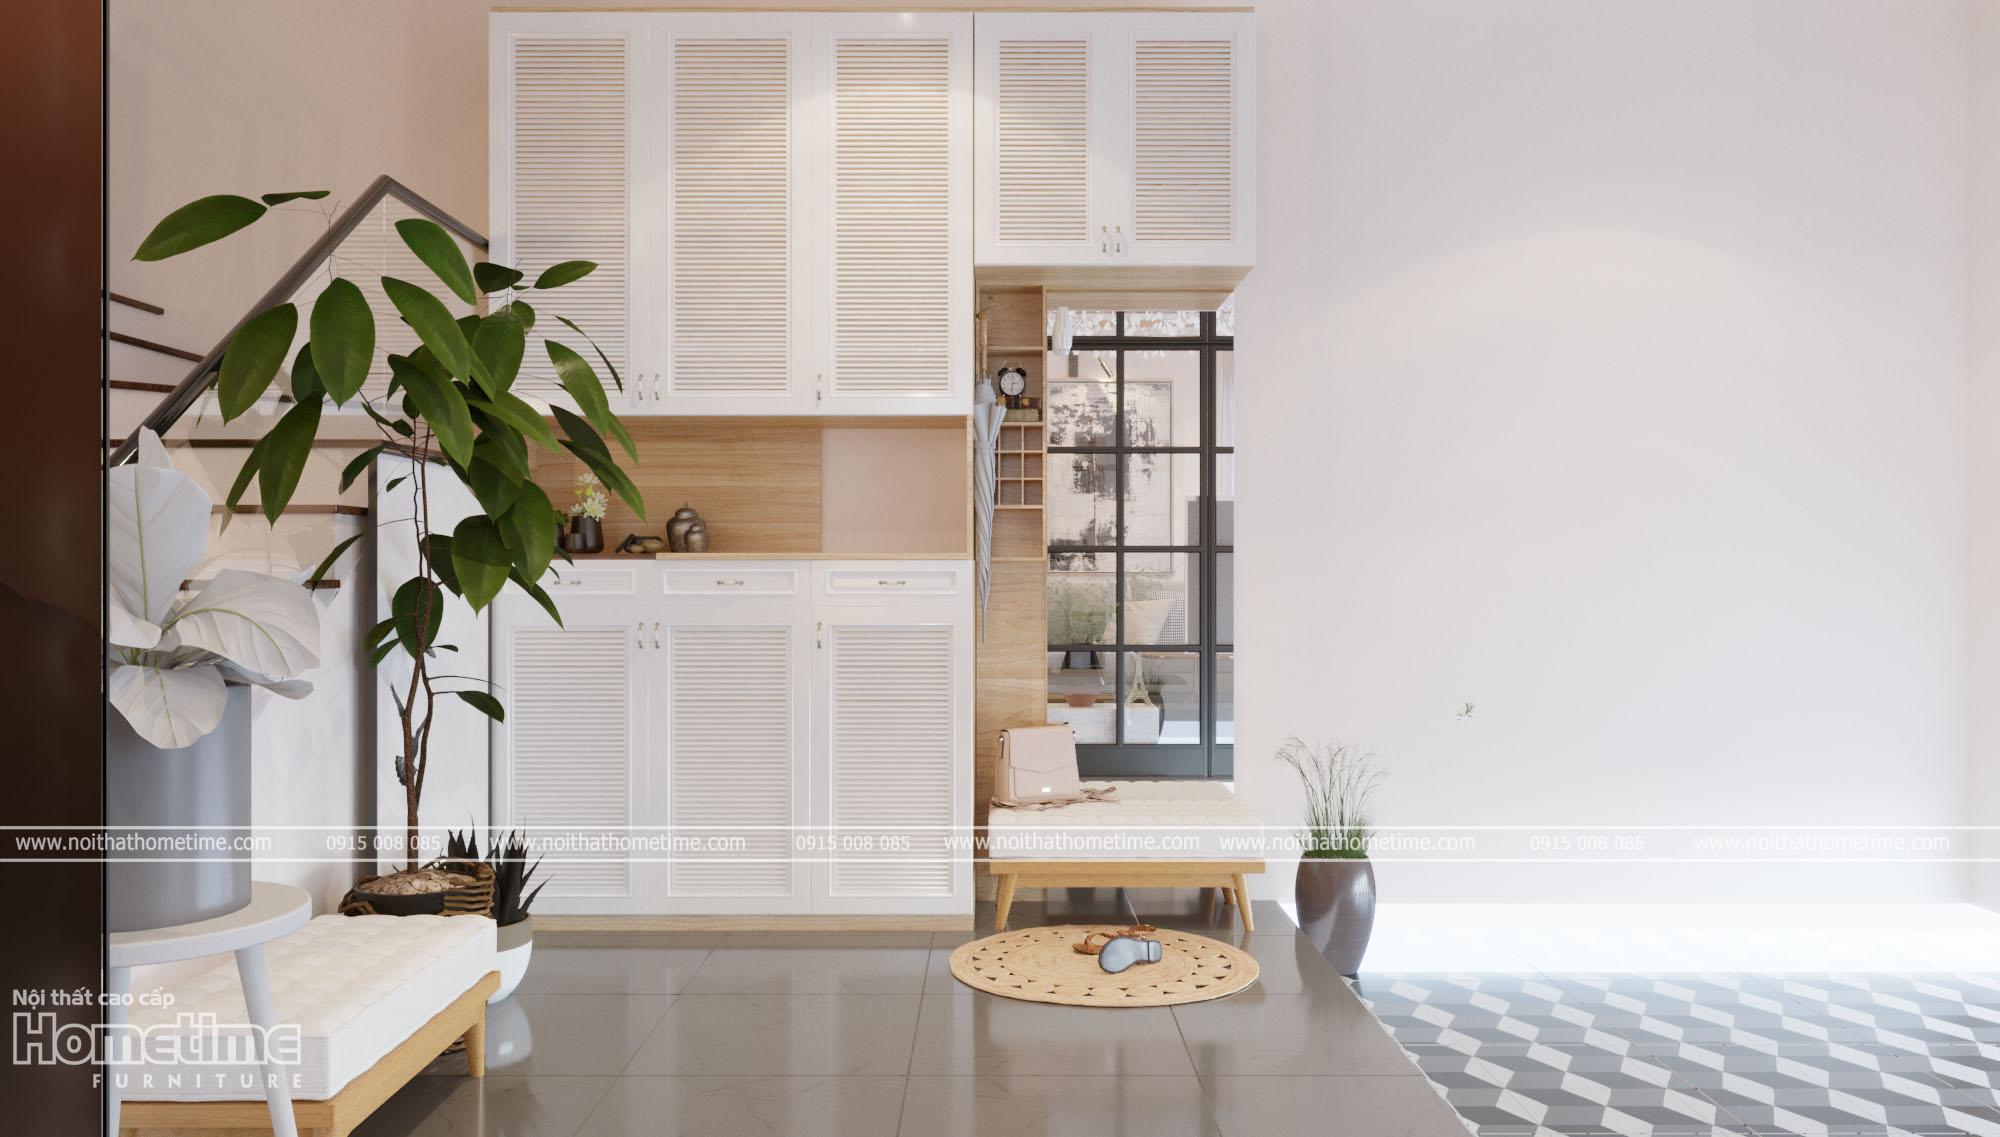 Thiết kế nội thất - Tủ giày cánh chớp hiện đại